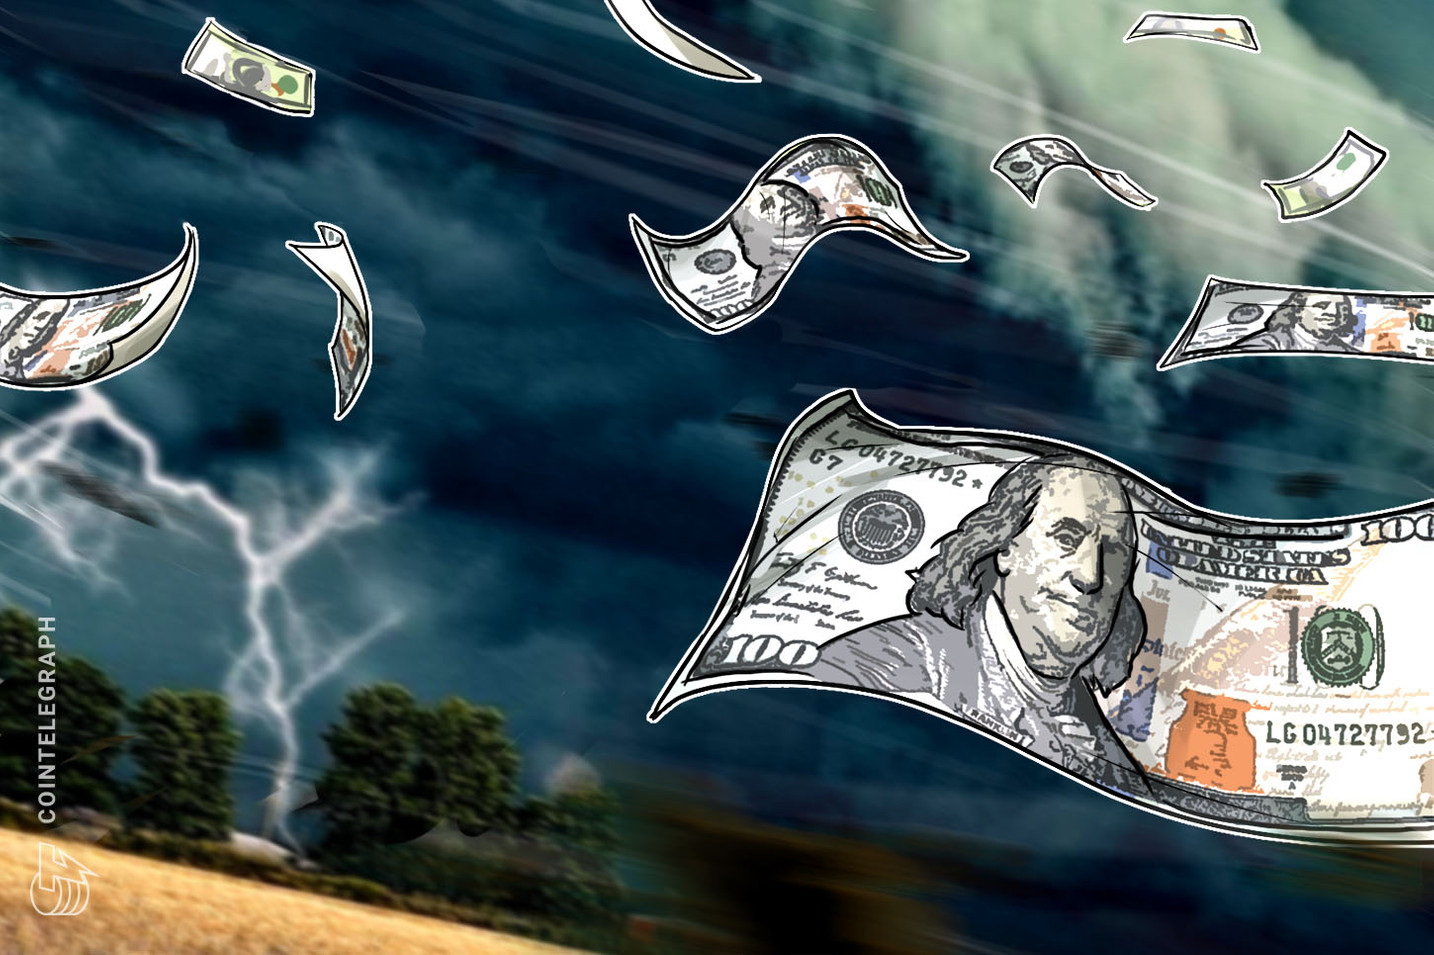 Dólar tem 'mais espaço para cair': 5 coisas sobre o Bitcoin para ficar atento nesta semana